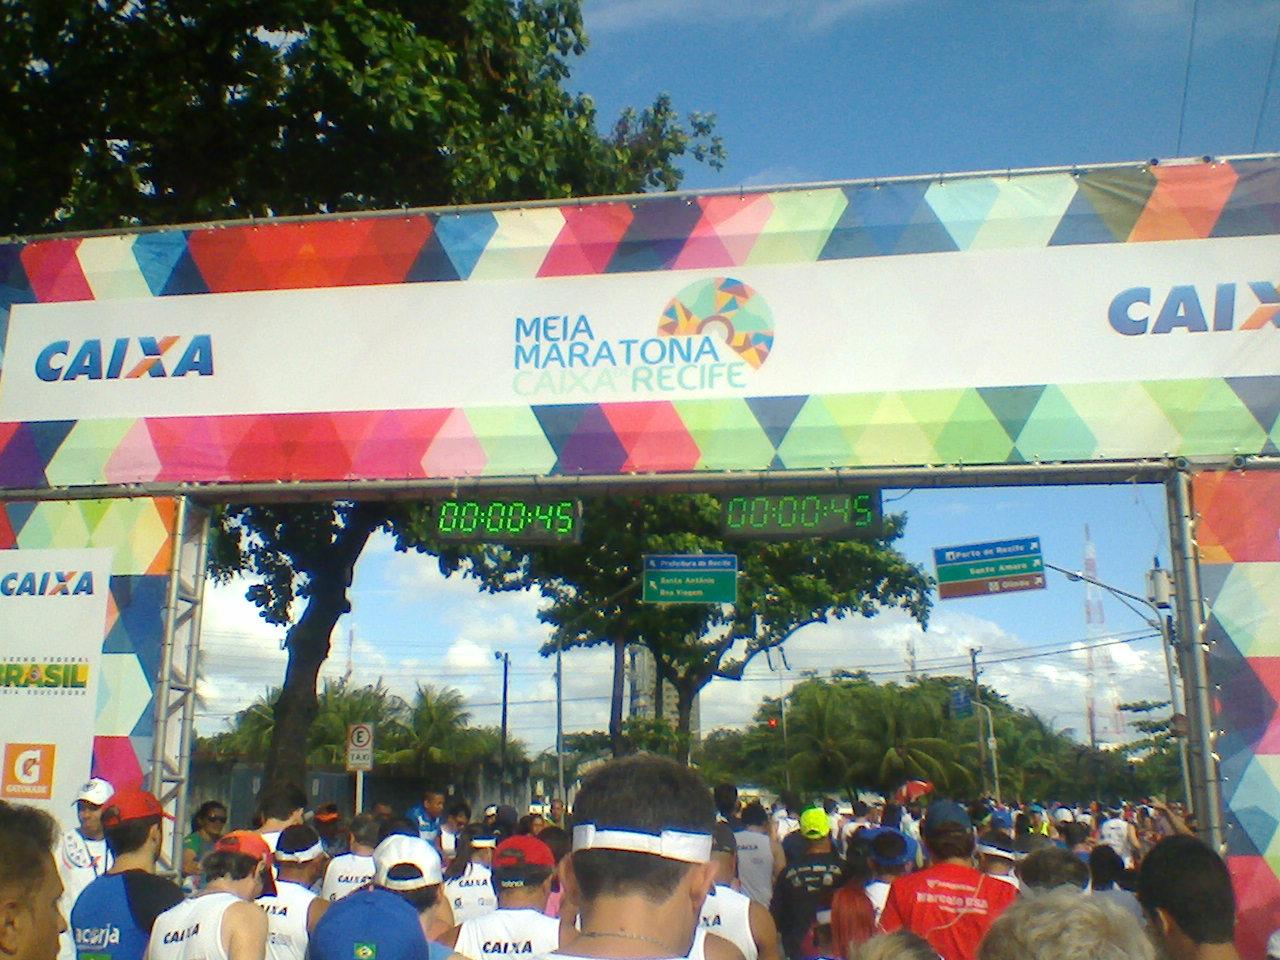 meia-maratona-caixa-de-recife_ (2)